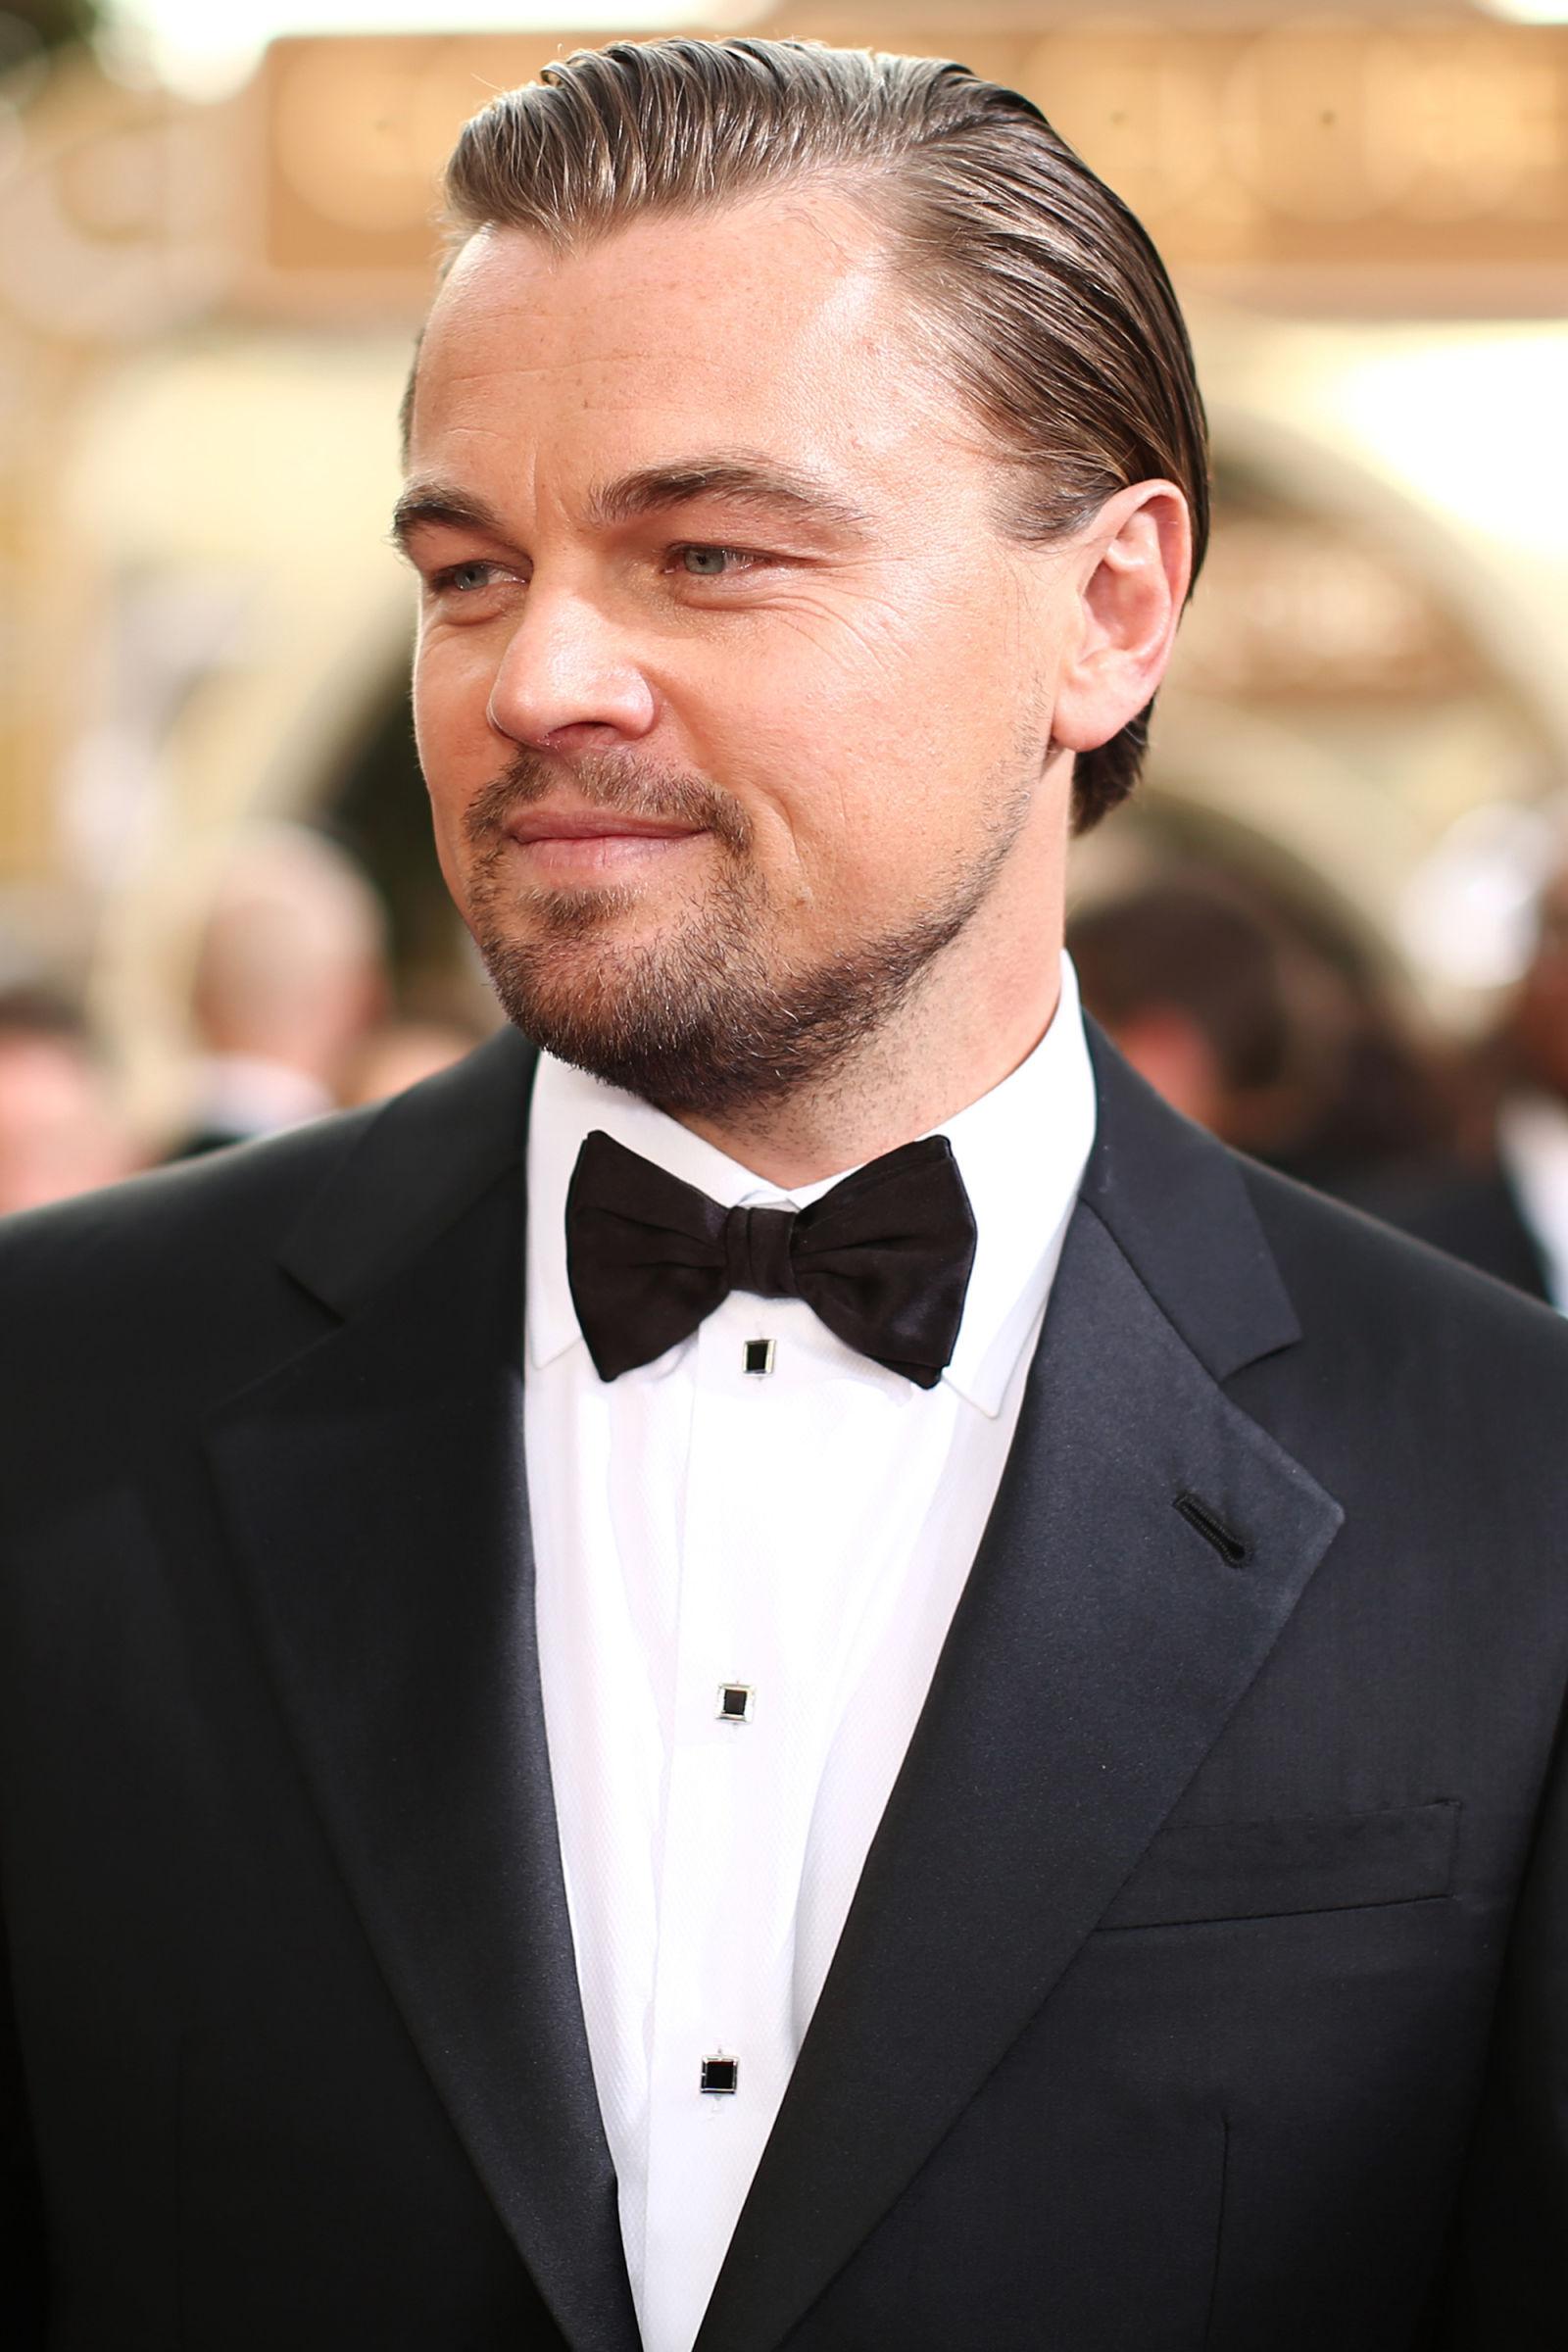 Leonardo diCaprio celebrity hairstyles 2014